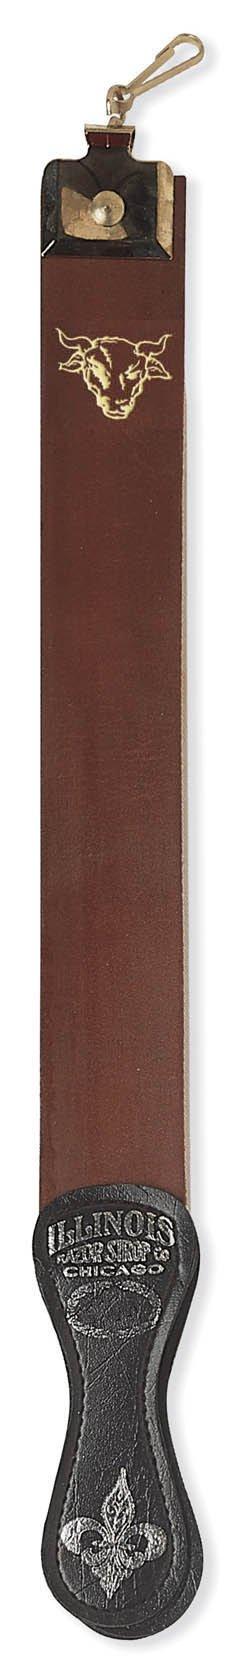 Fromm Illinois Razor Strop, IRS127, 2.5 x 23